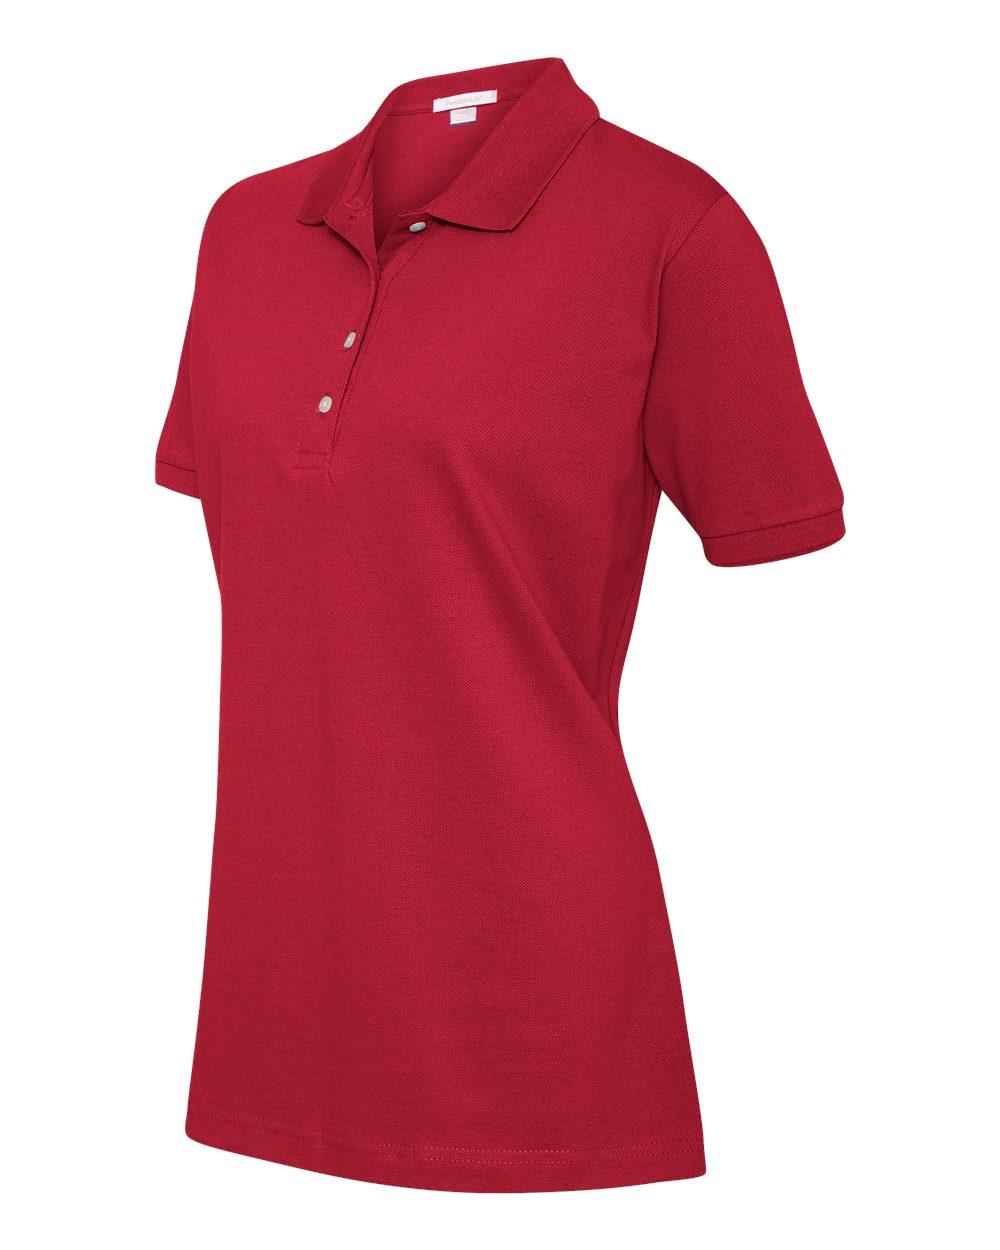 FeatherLite Ladies' 100% Cotton Pique Sport Shirt - 2400